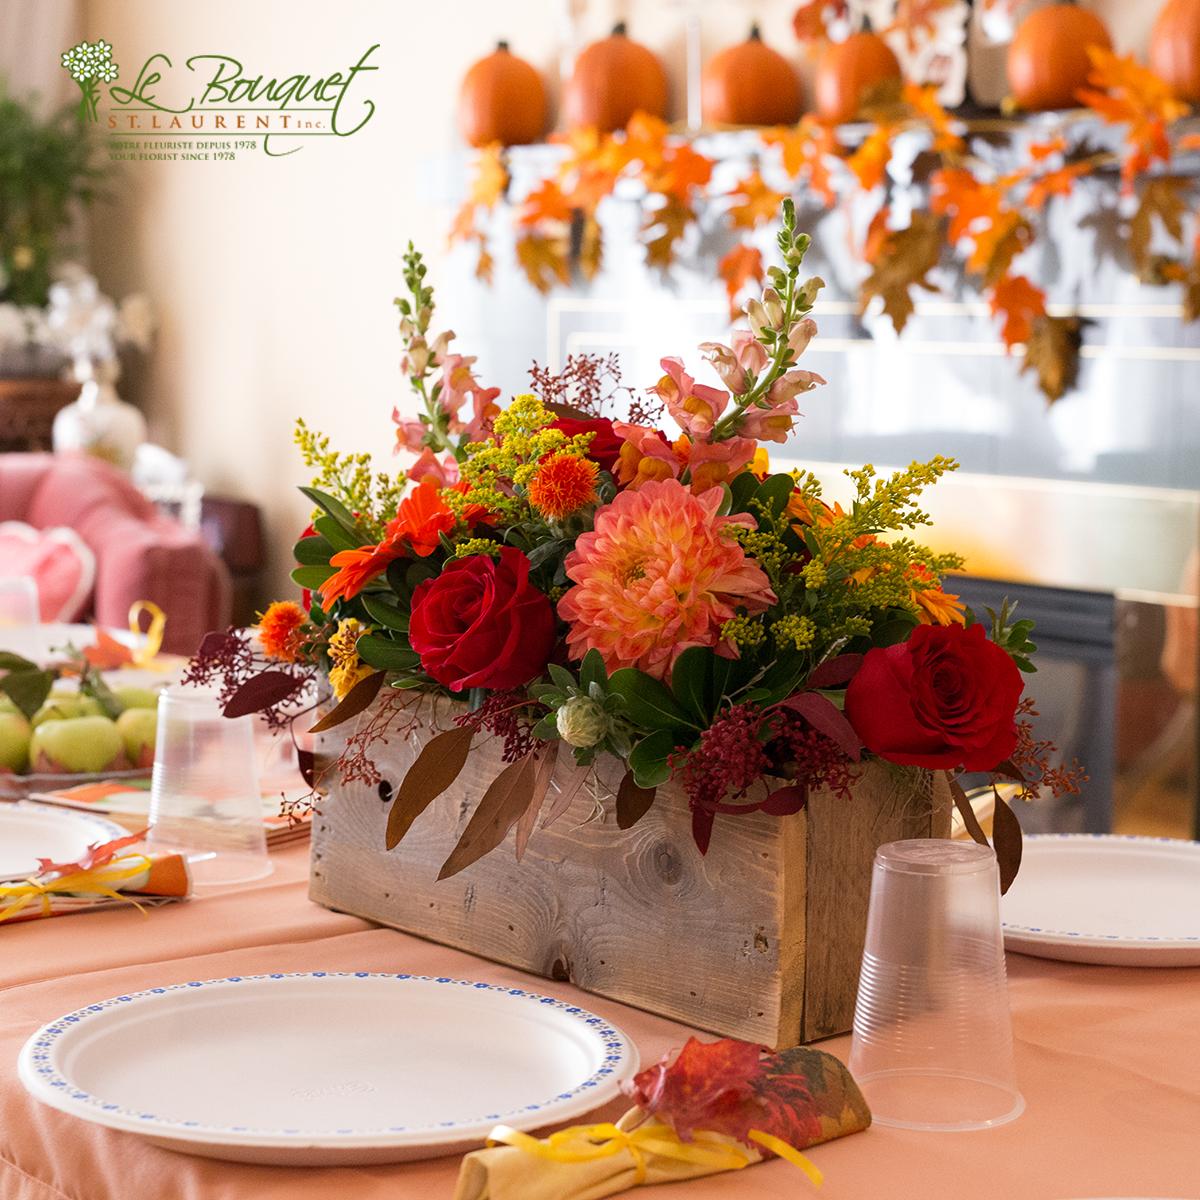 thanksgiving table decoration by florist le bouquet st laurent